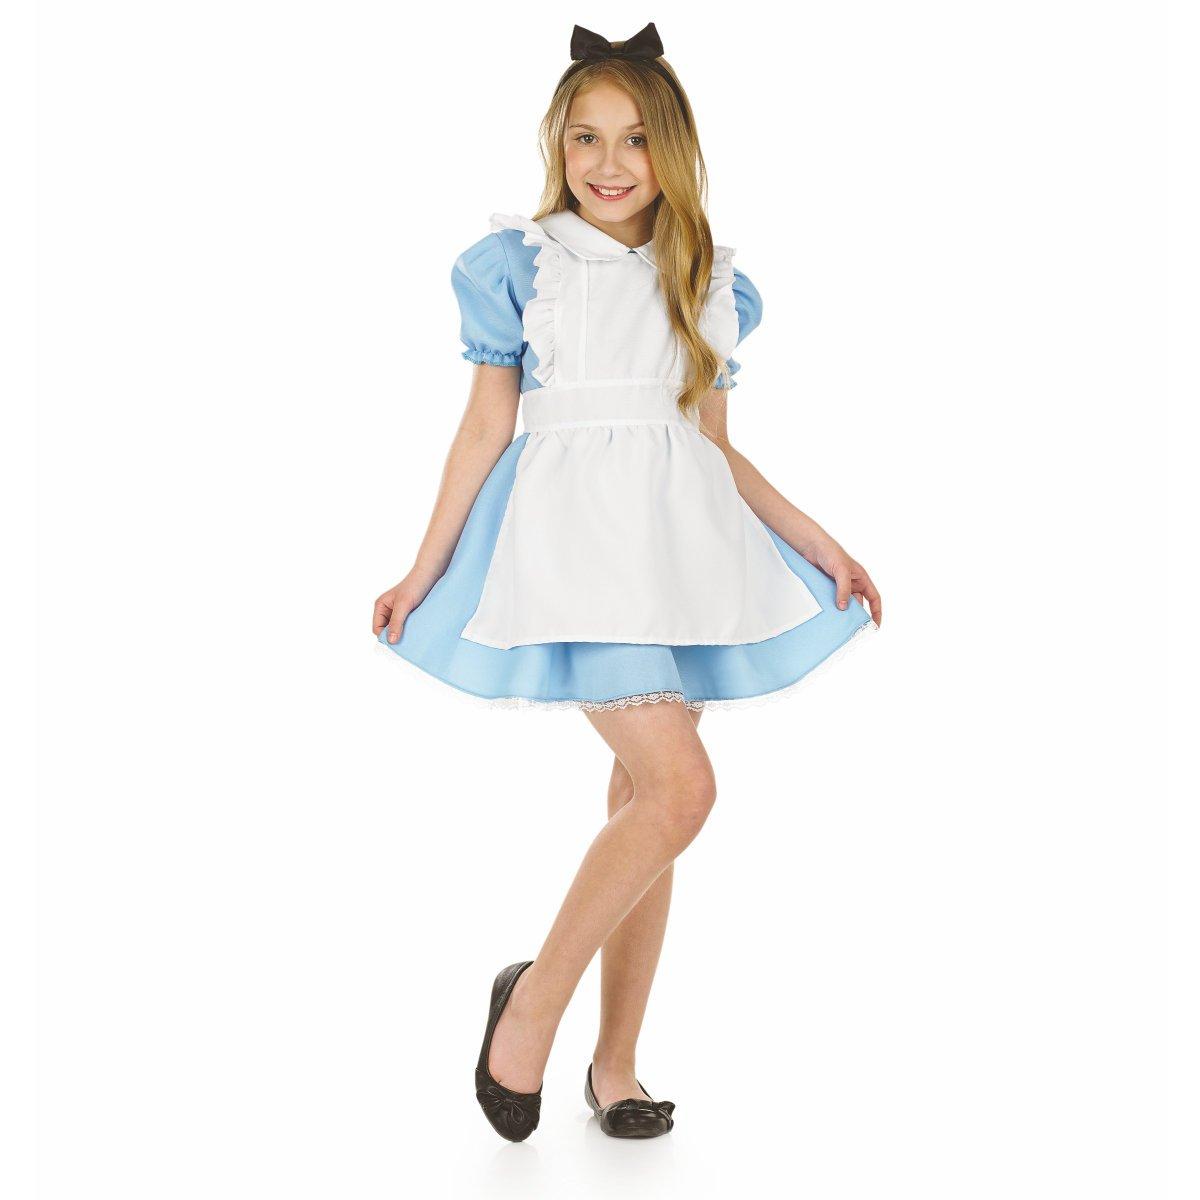 Amazon.com Fun Shack Child Traditional Alice Costume - Age 8 - 10 Yrs (l) Home Improvement  sc 1 st  Amazon.com & Amazon.com: Fun Shack Child Traditional Alice Costume - Age 8 - 10 ...